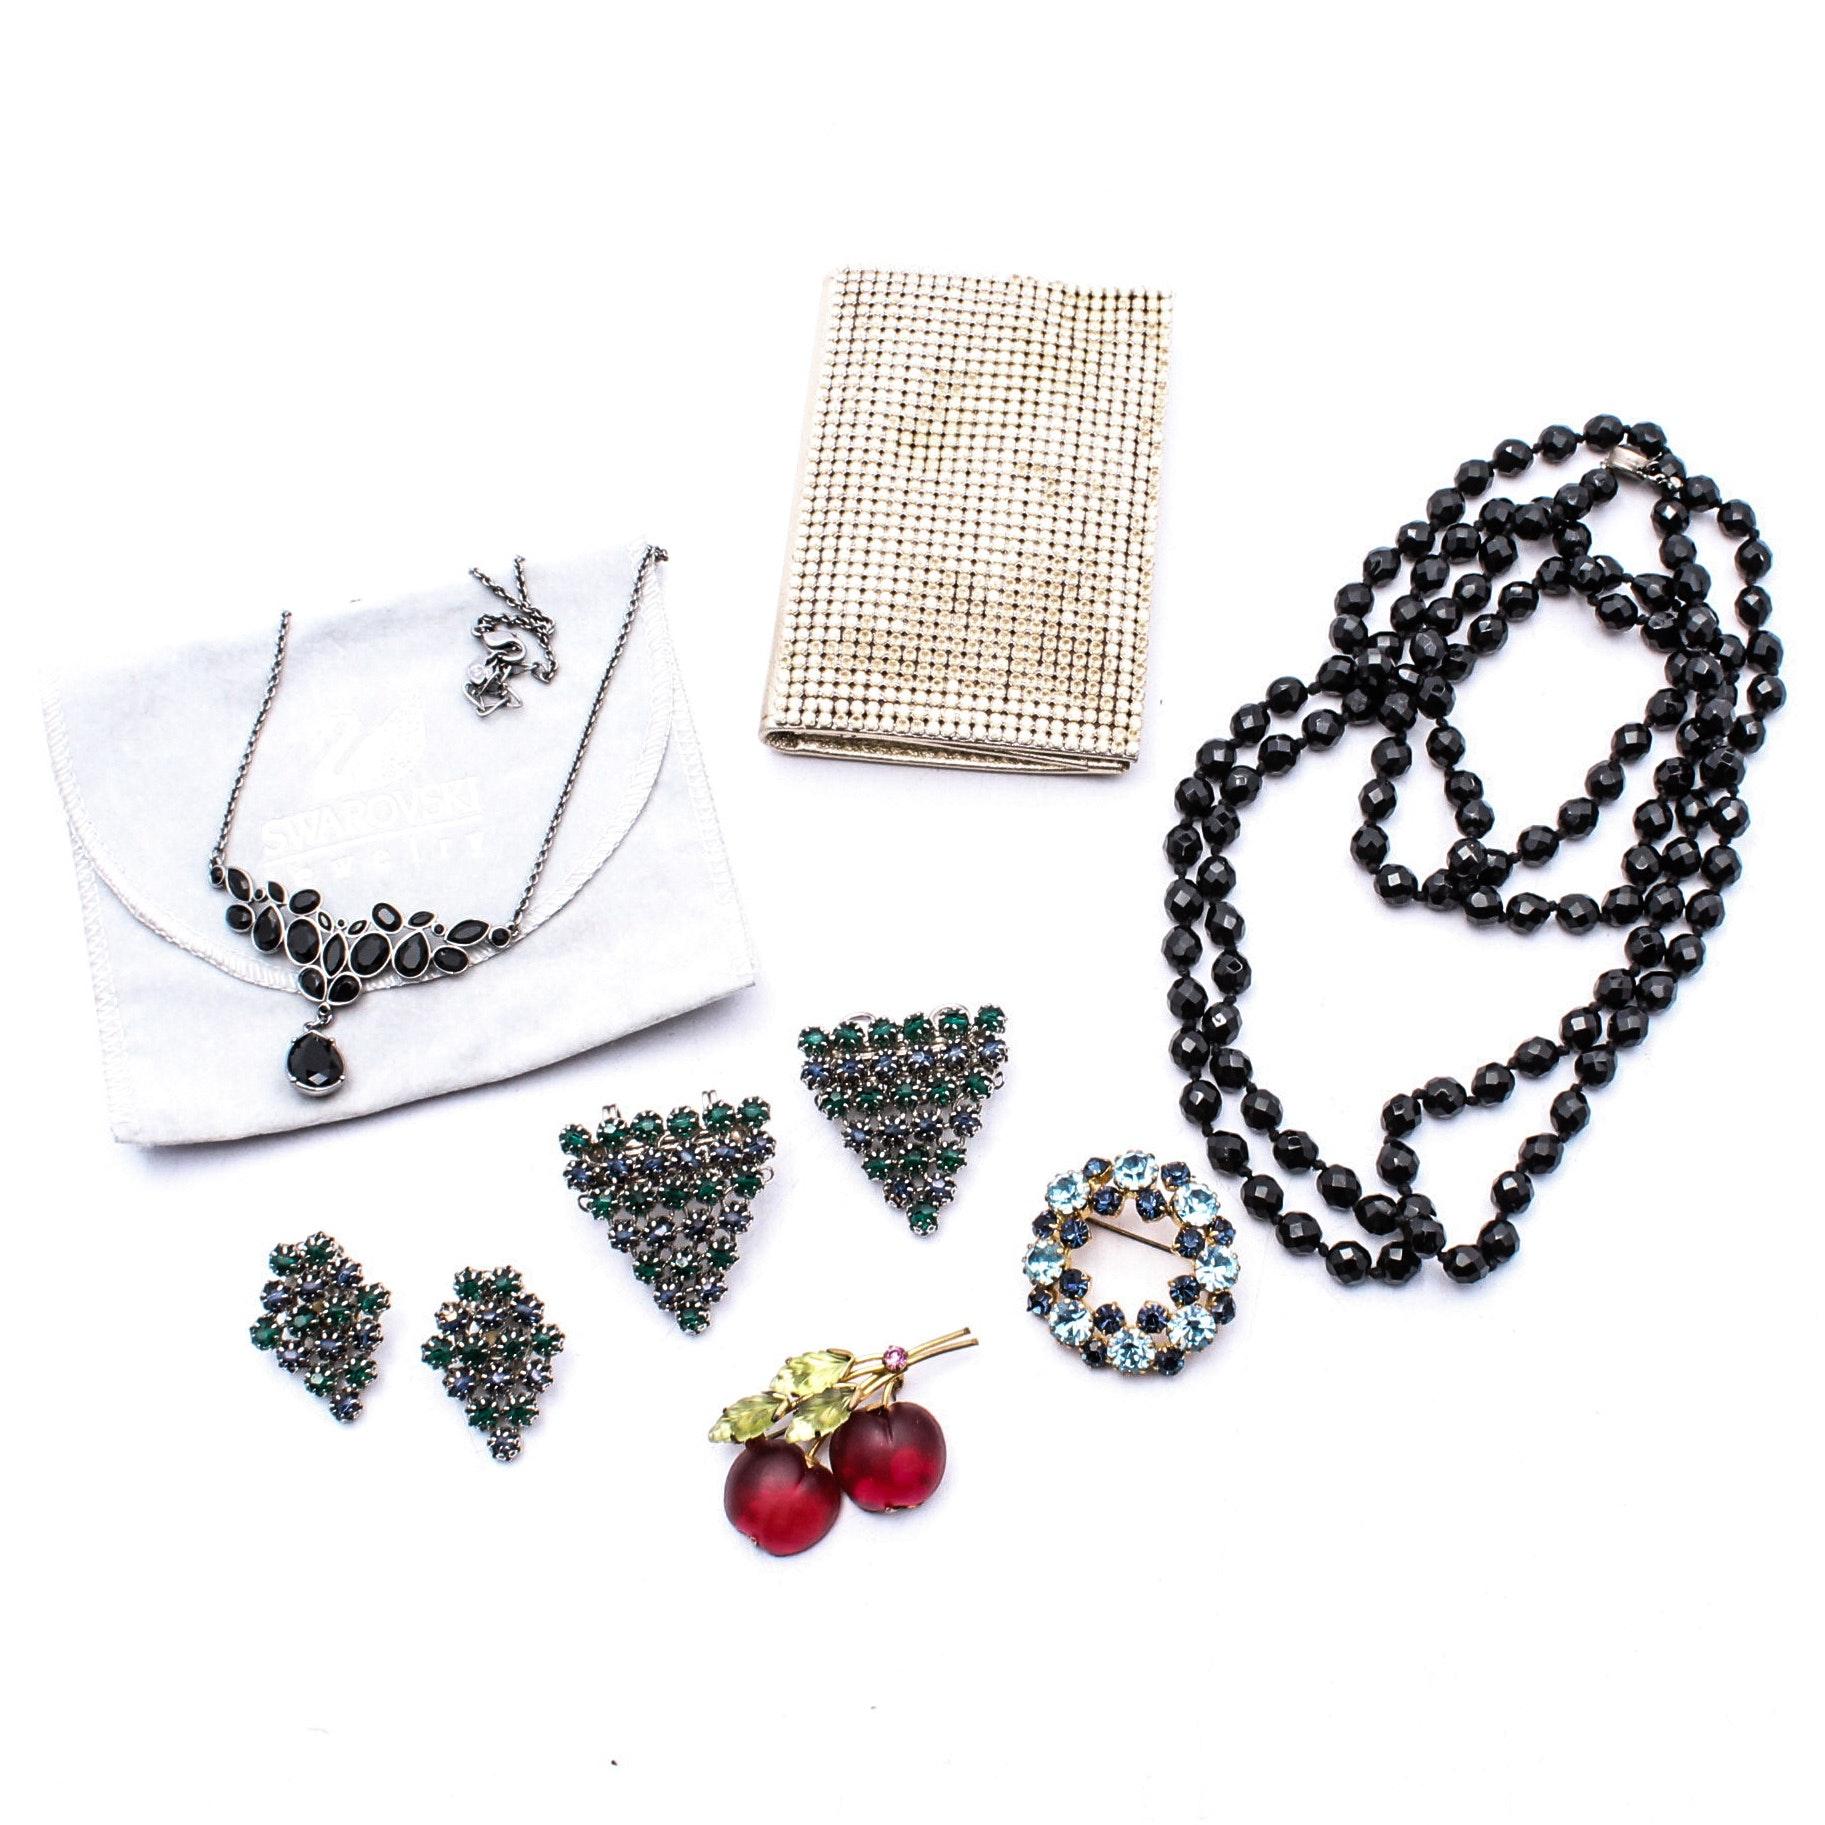 Crystal Jewelry with Swarovski